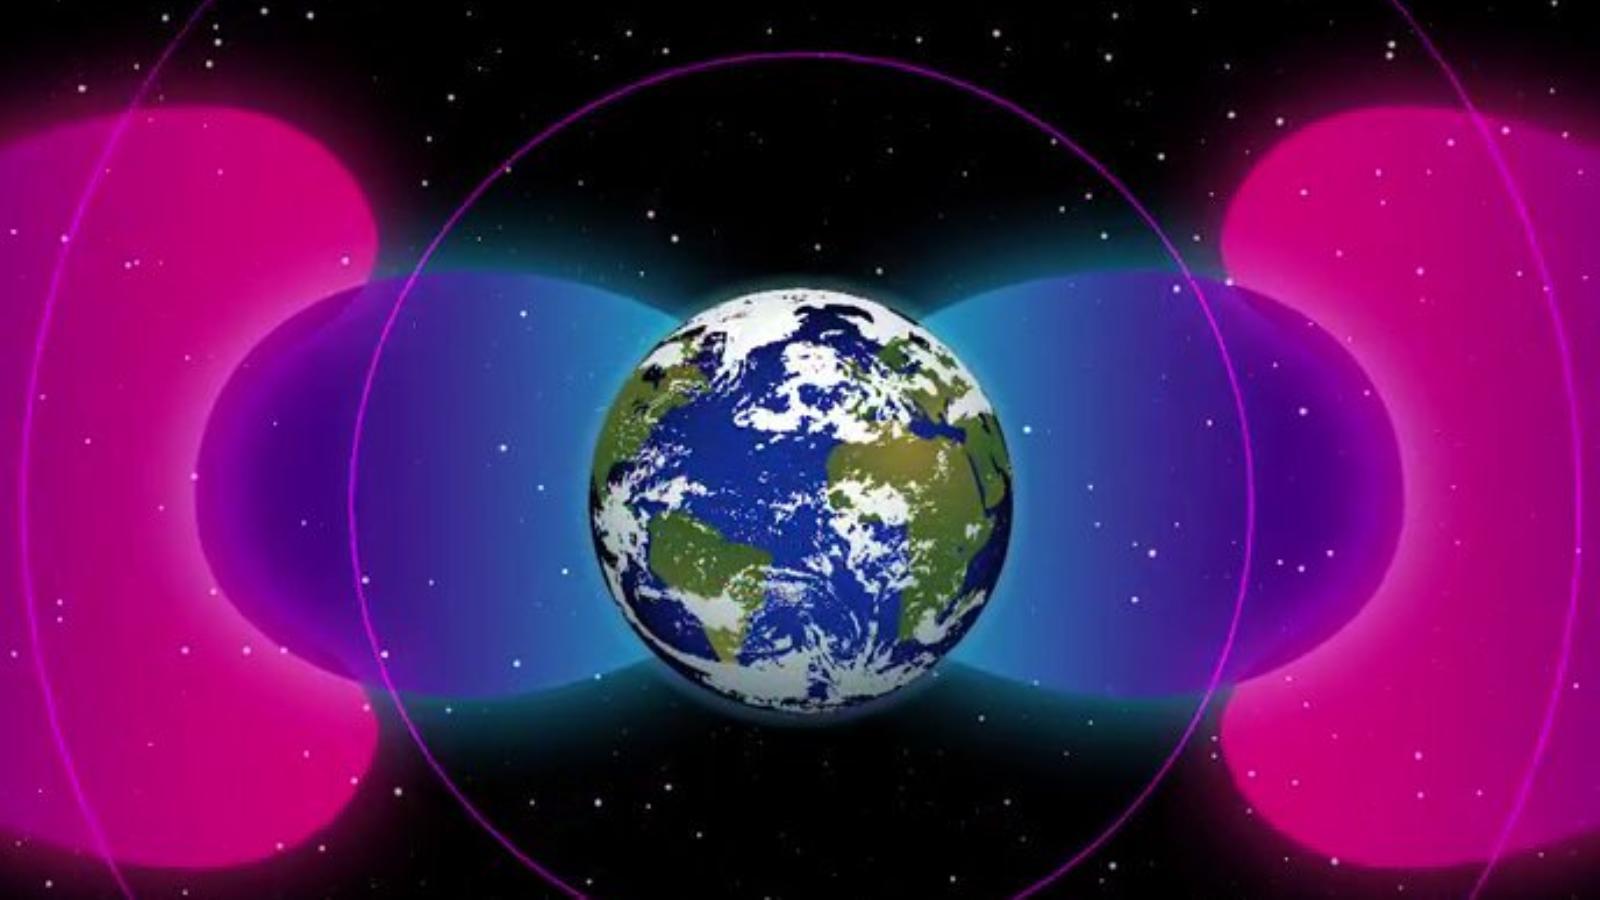 НАСА: люди создали вокруг Земли радиококон из сверхдлинных волн, защищающий от космической радиации - 1